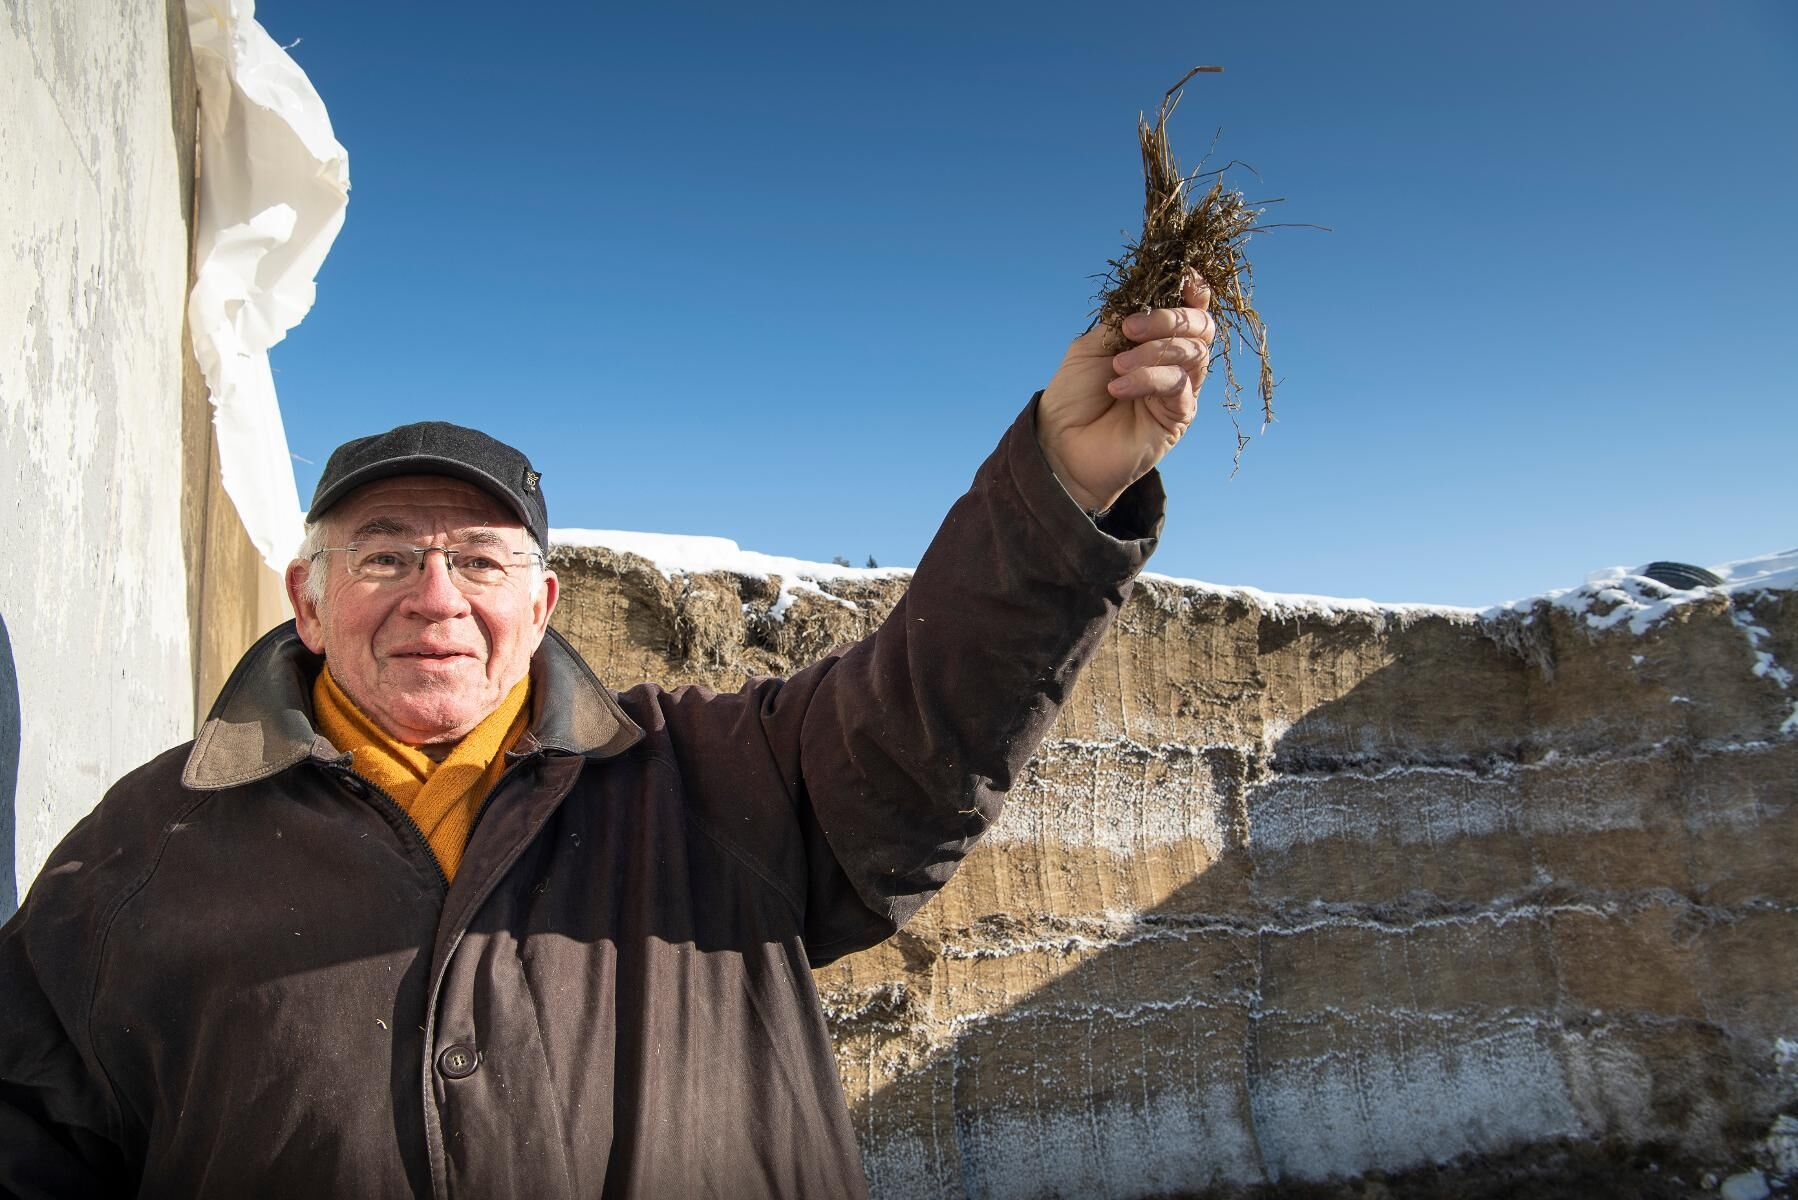 Det går att förvandla ensilage till vätgas på ett sätt som ger nya och stora inkomster för jordbrukaren, menar Lars Forslund.